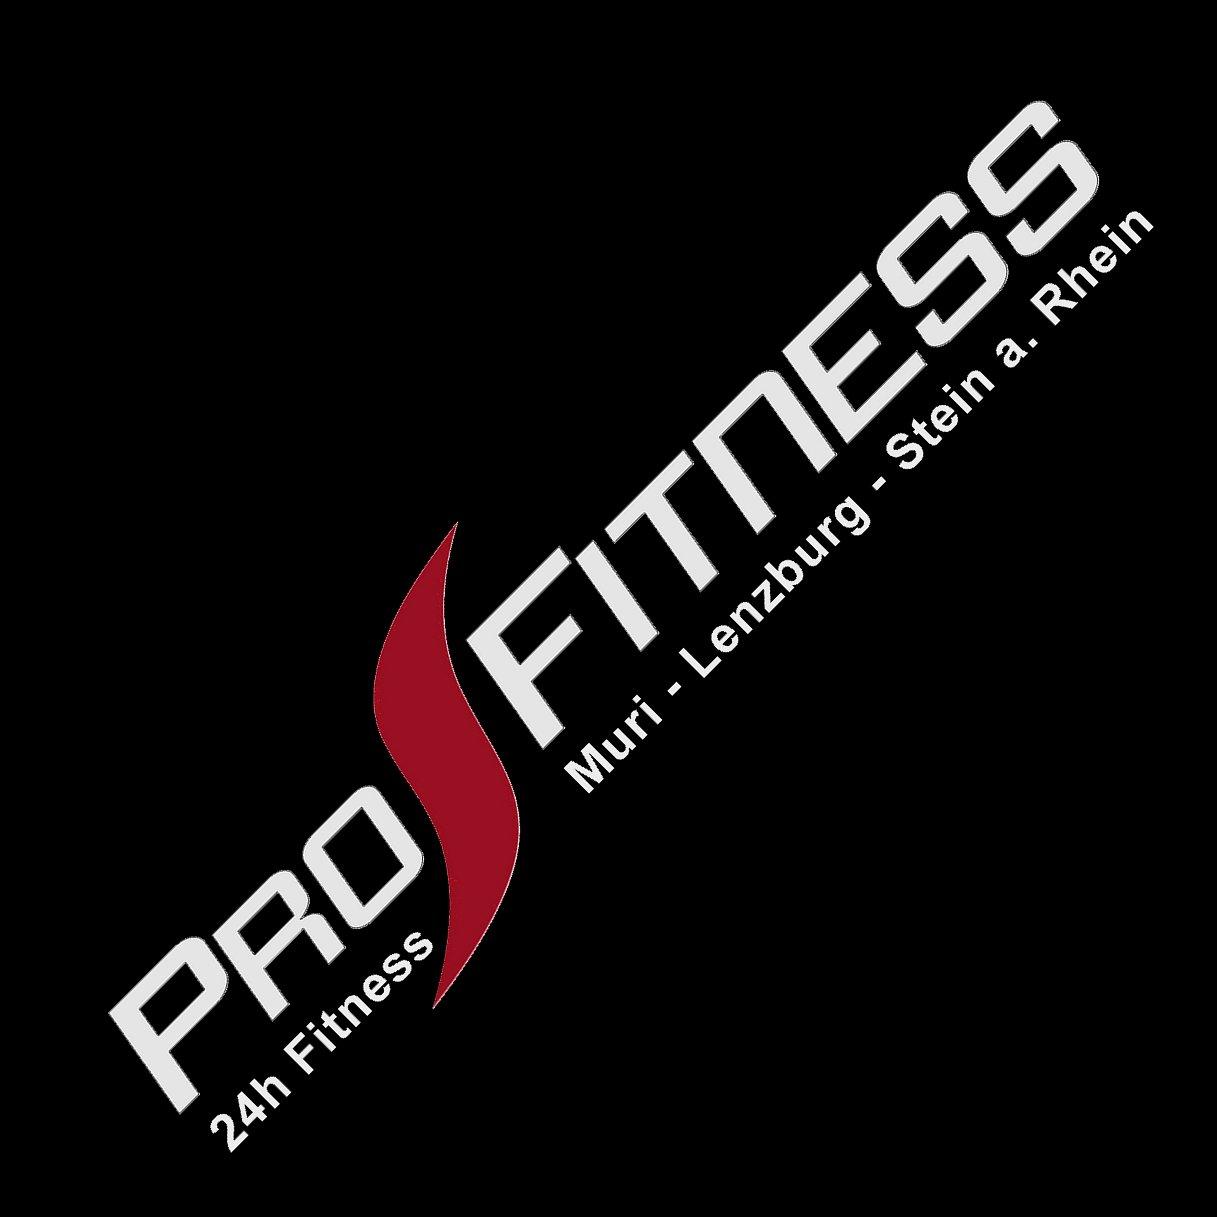 Pro Fitness Stein am Rhein GmbH